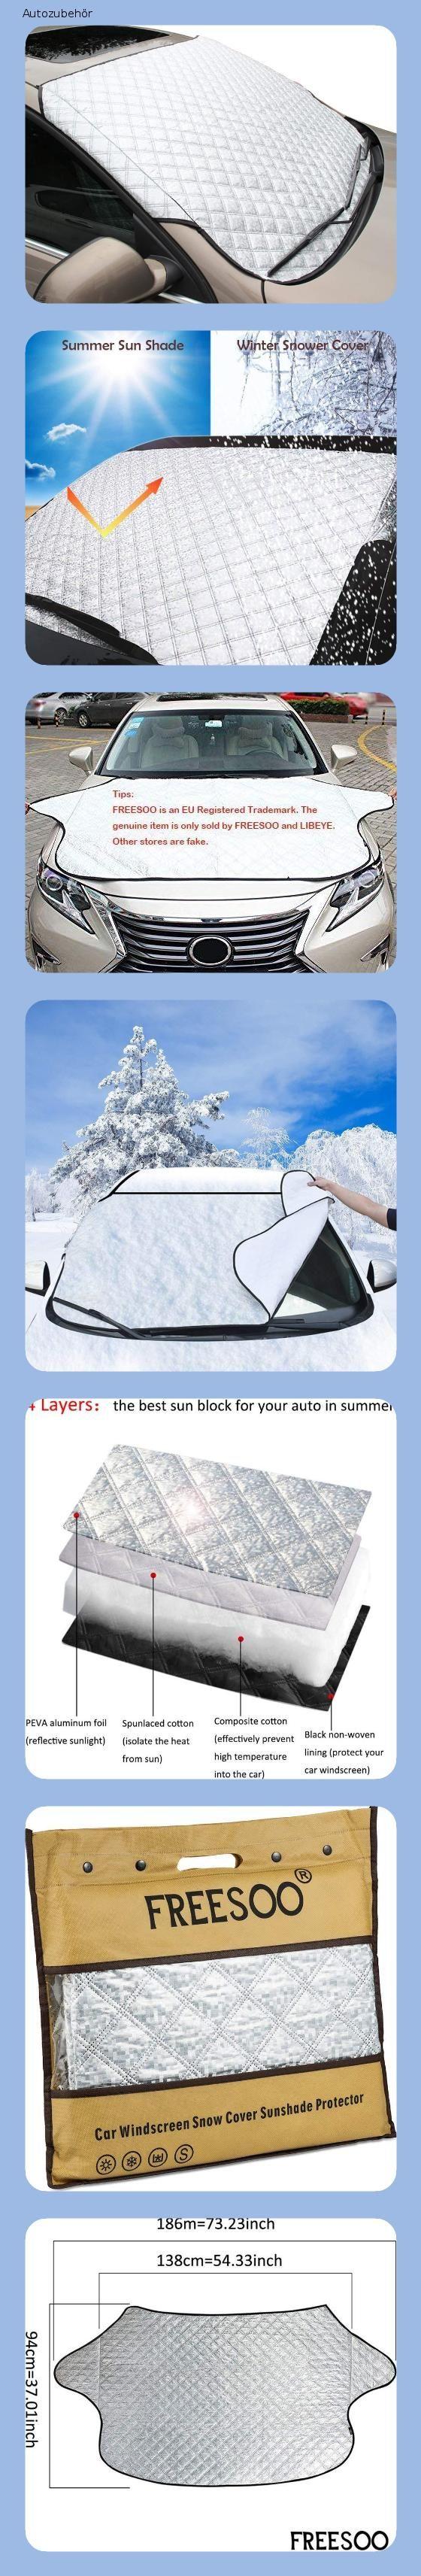 Freesoo Autoscheibenabdeckung Frontscheibenabdeckung Schnee